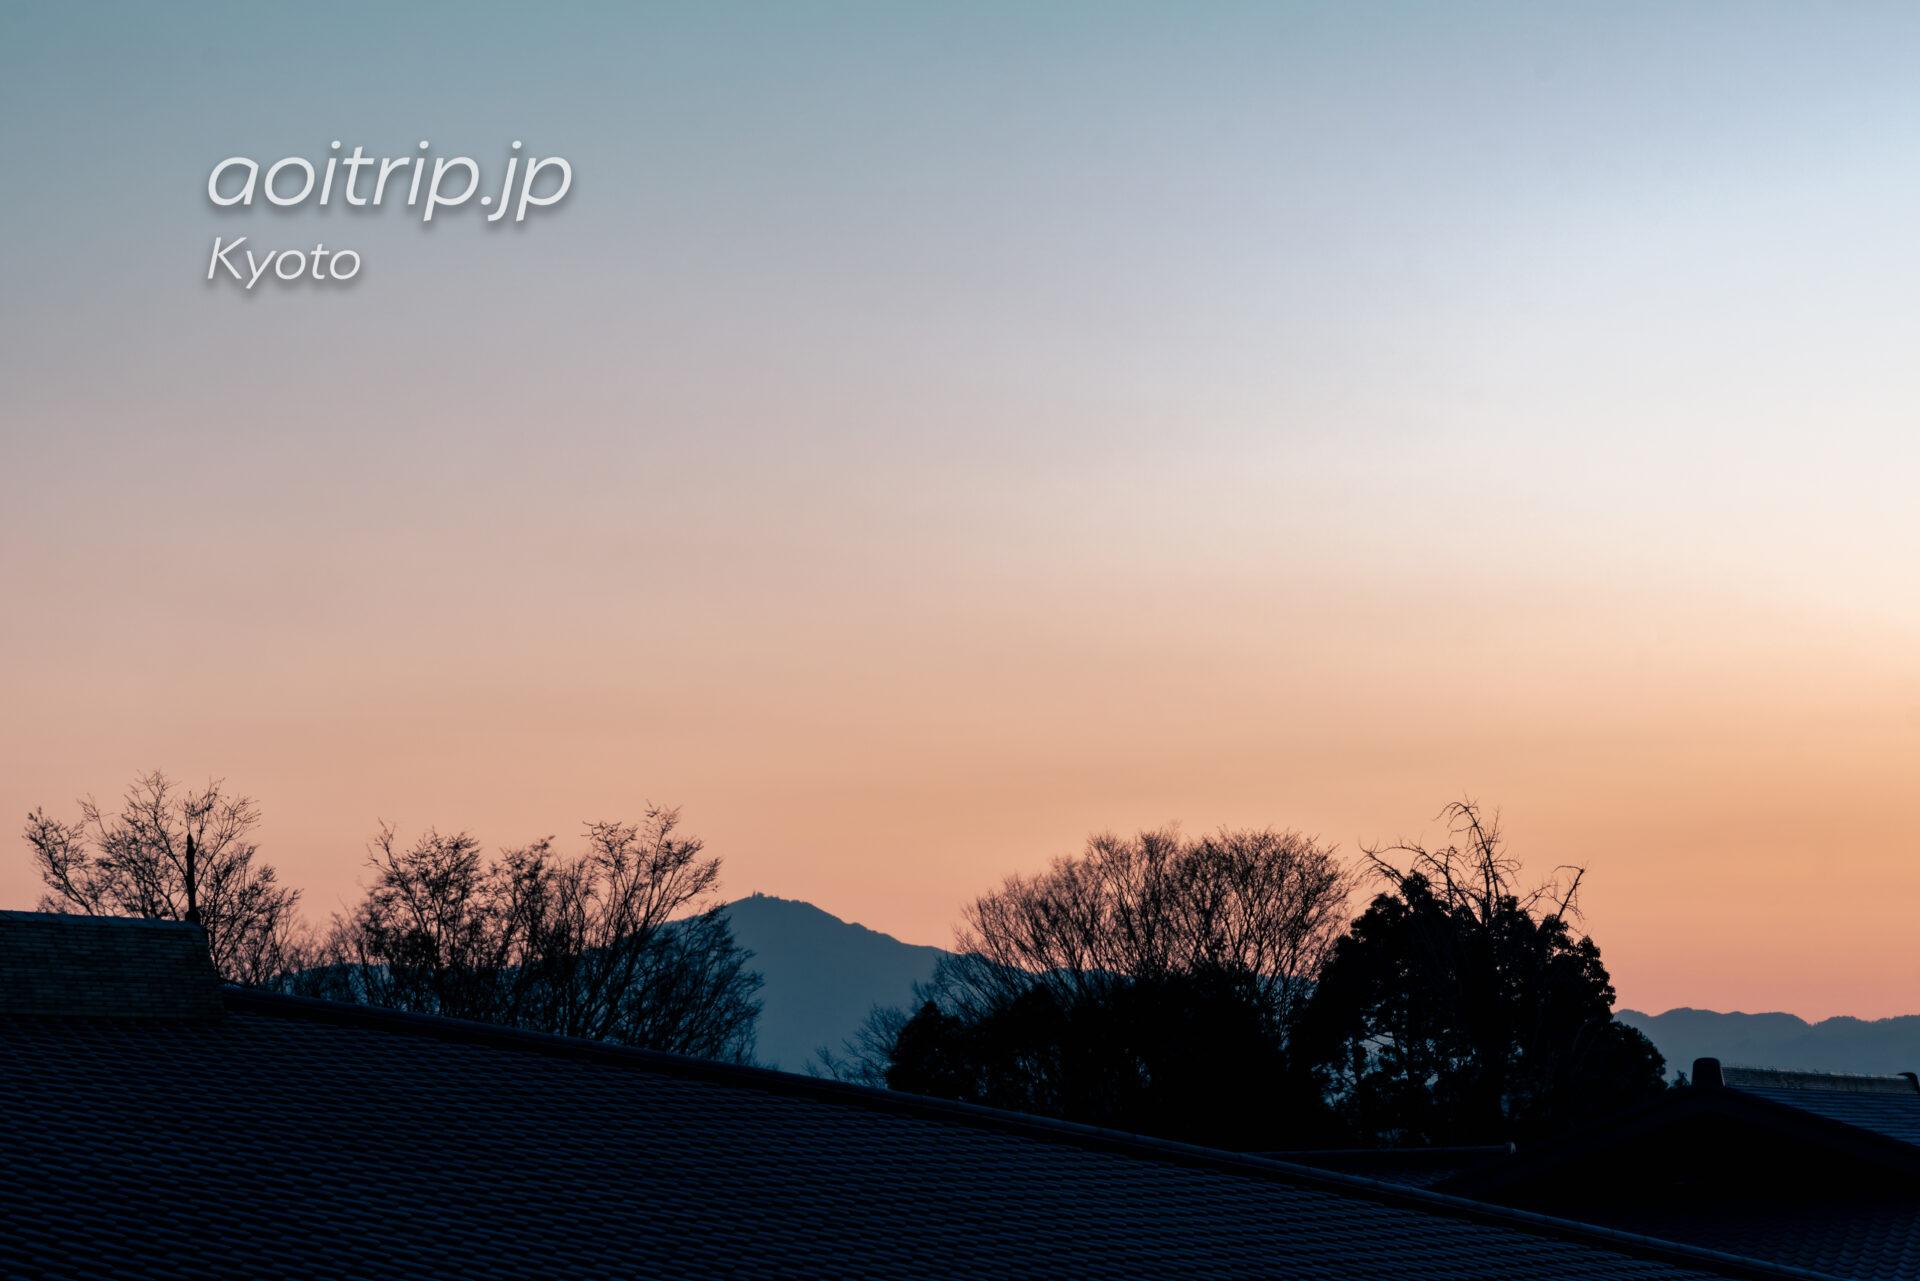 京都嵐山 翠嵐から望む比叡山